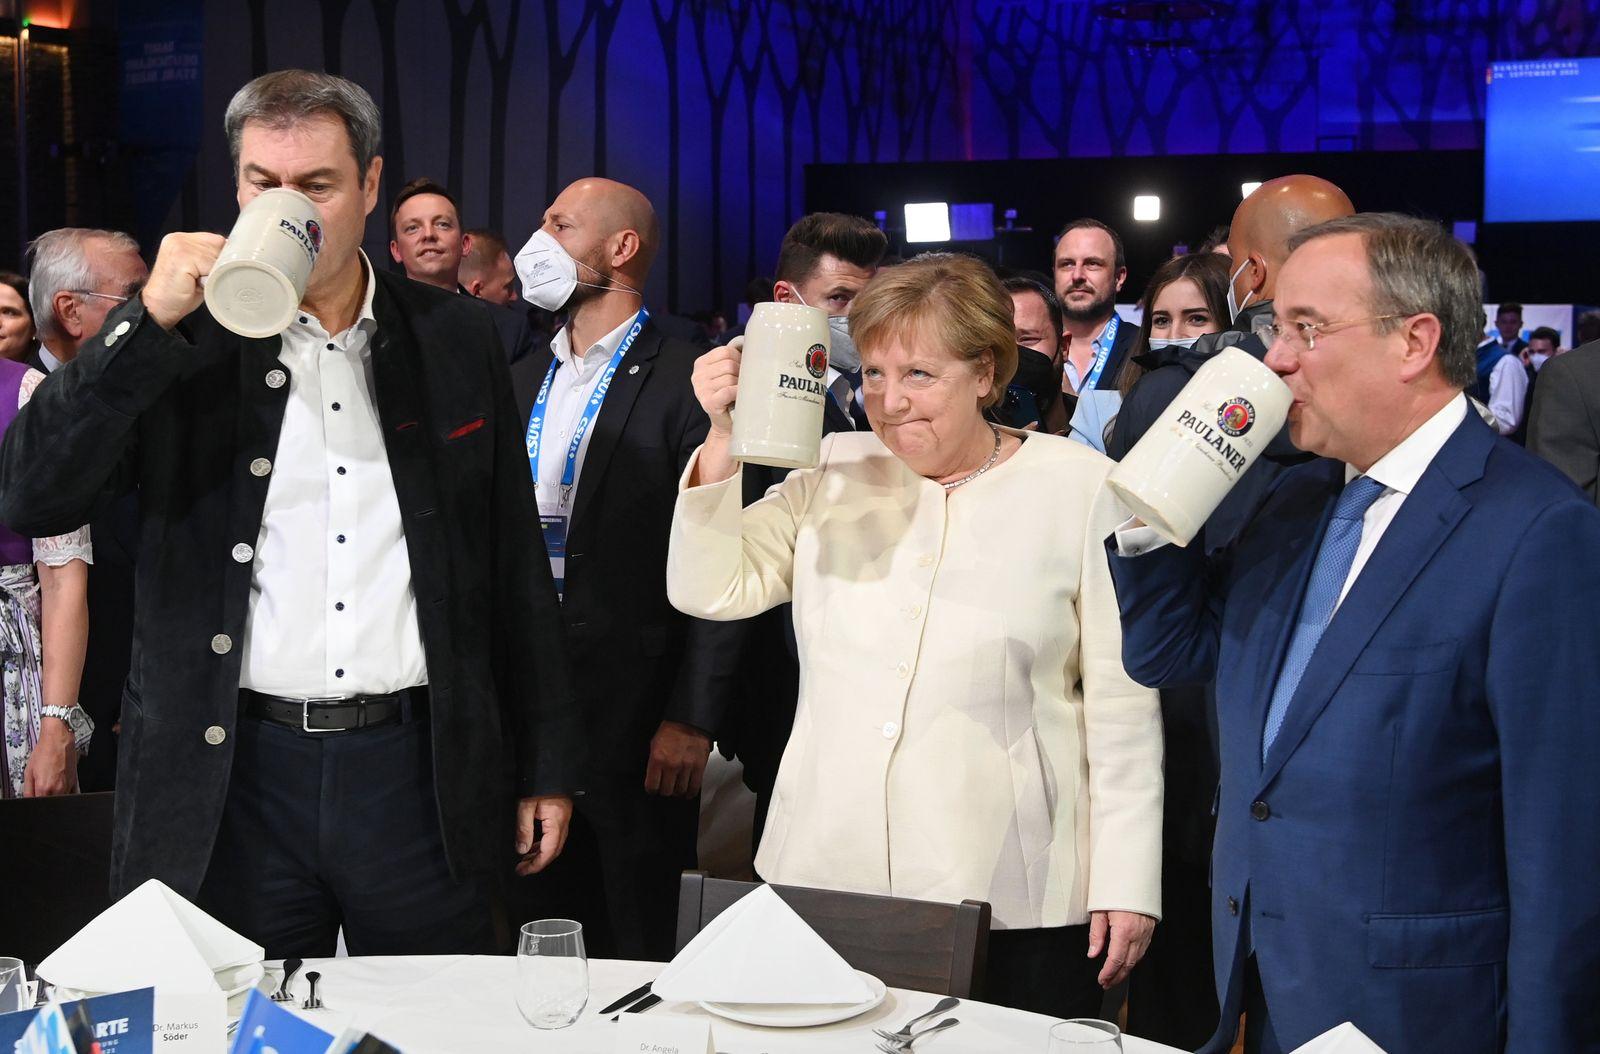 Wahlkampf CDU und CSU - offizieller Wahlkampfabschluss